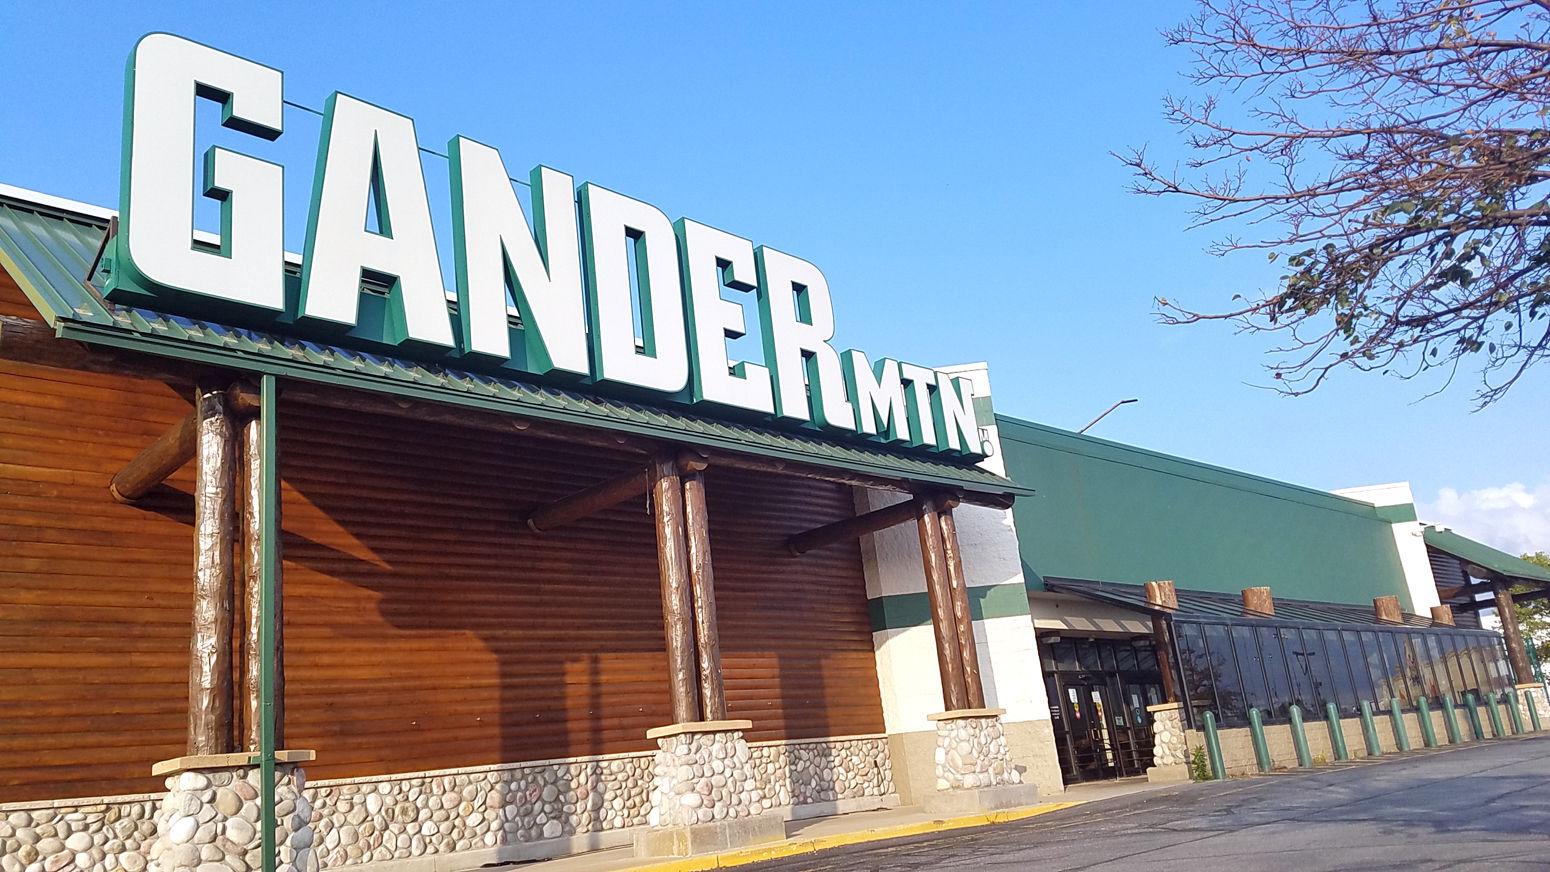 Gander mountain casino banking casino gambling guide online